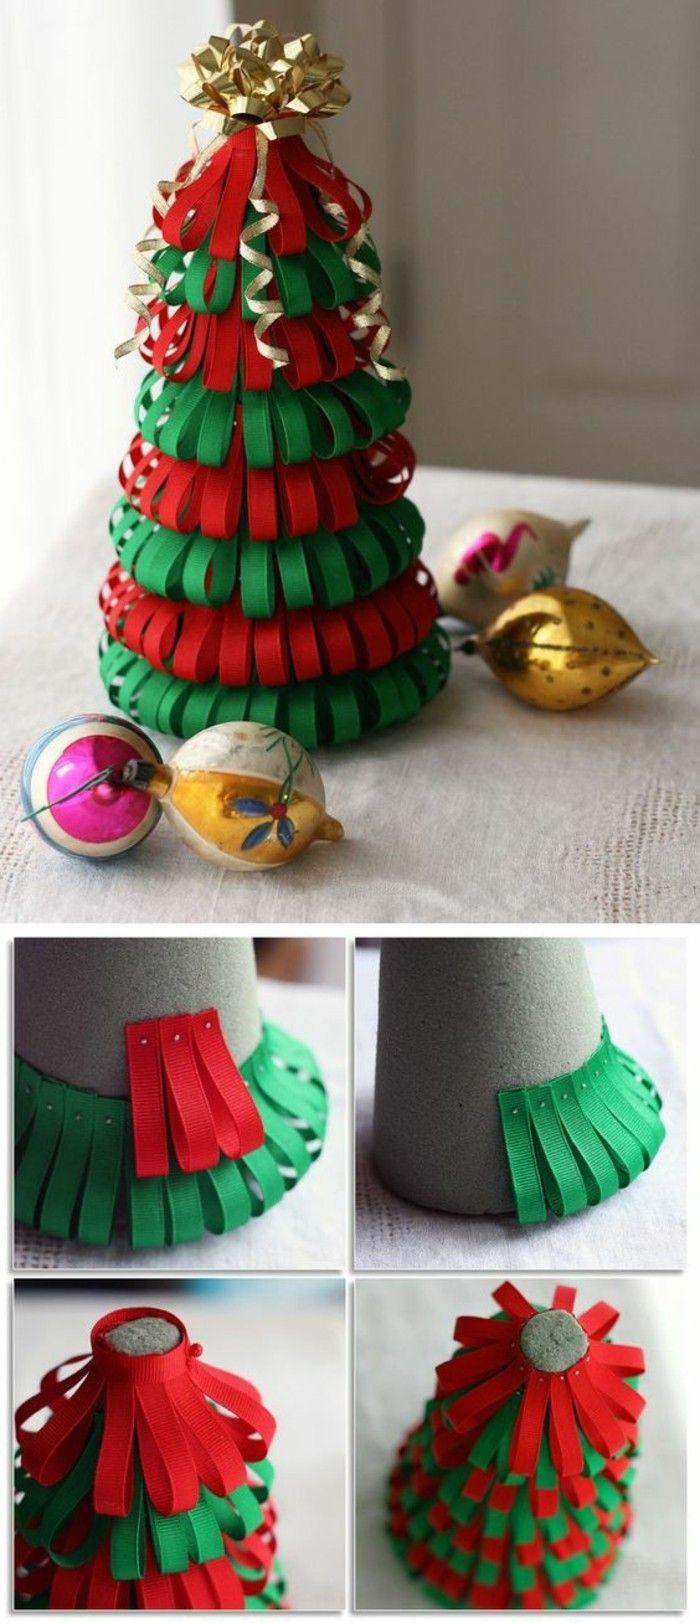 decoration de noel a fabriquer soi meme 87 idees diy faciles a realiser papier pinterest christmas christmas decorations and christmas crafts